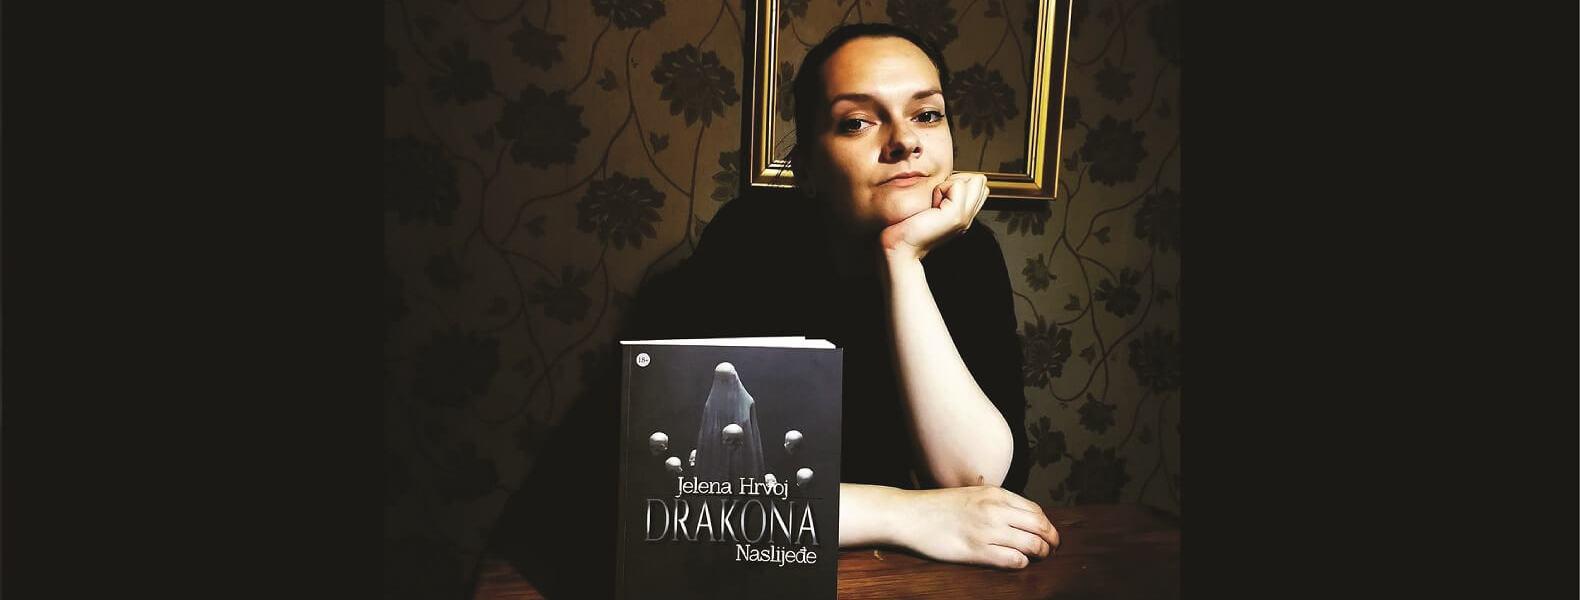 Mlada hrvatska književnica Jelena Hrvoj izdala je peti roman